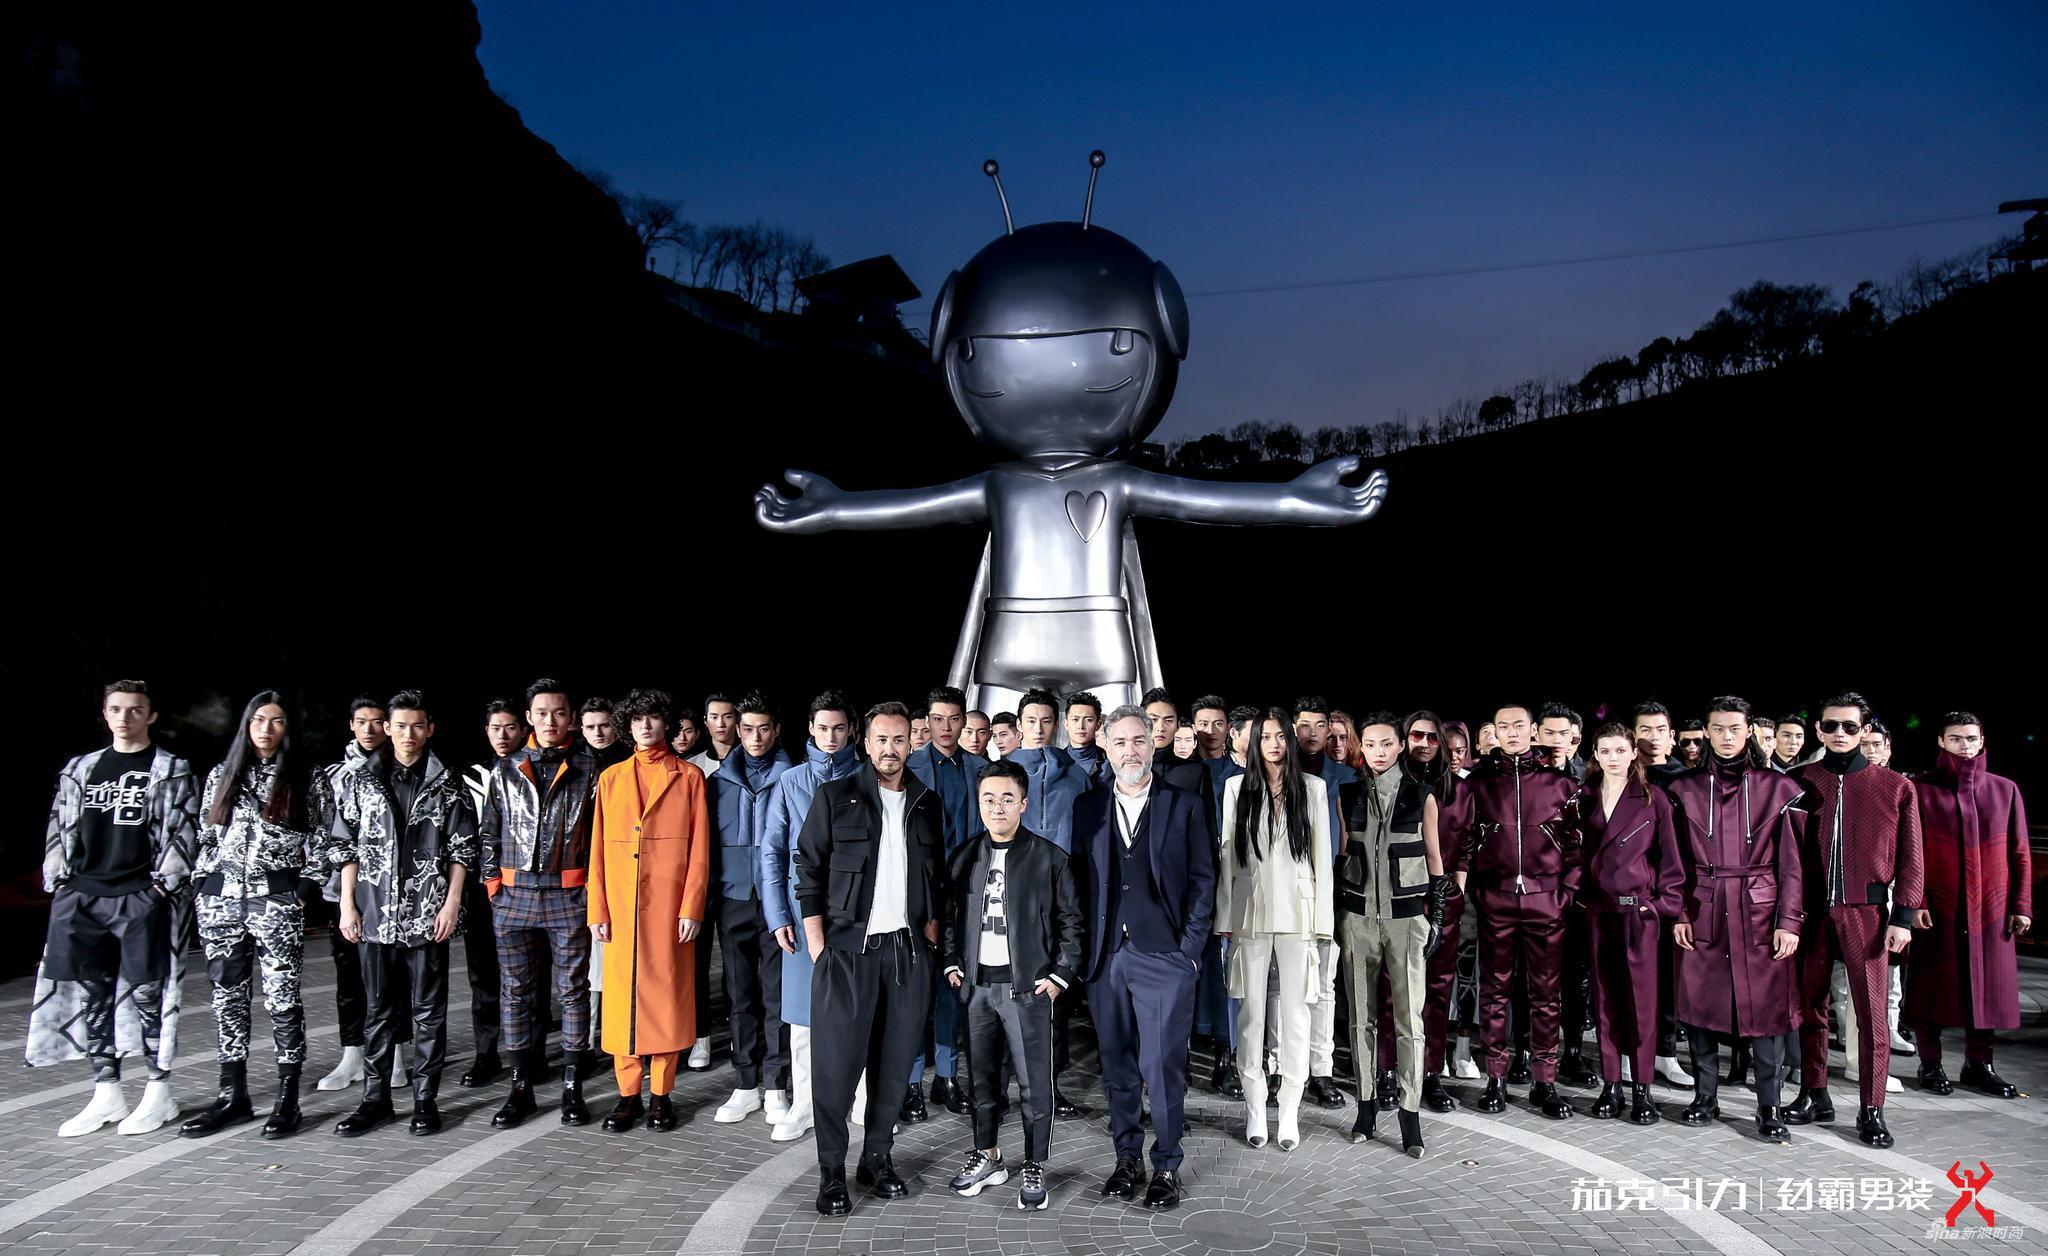 品牌新晋CEO兼创意总监洪伯明领衔国际化设计团队倾力打造60款秀款造型